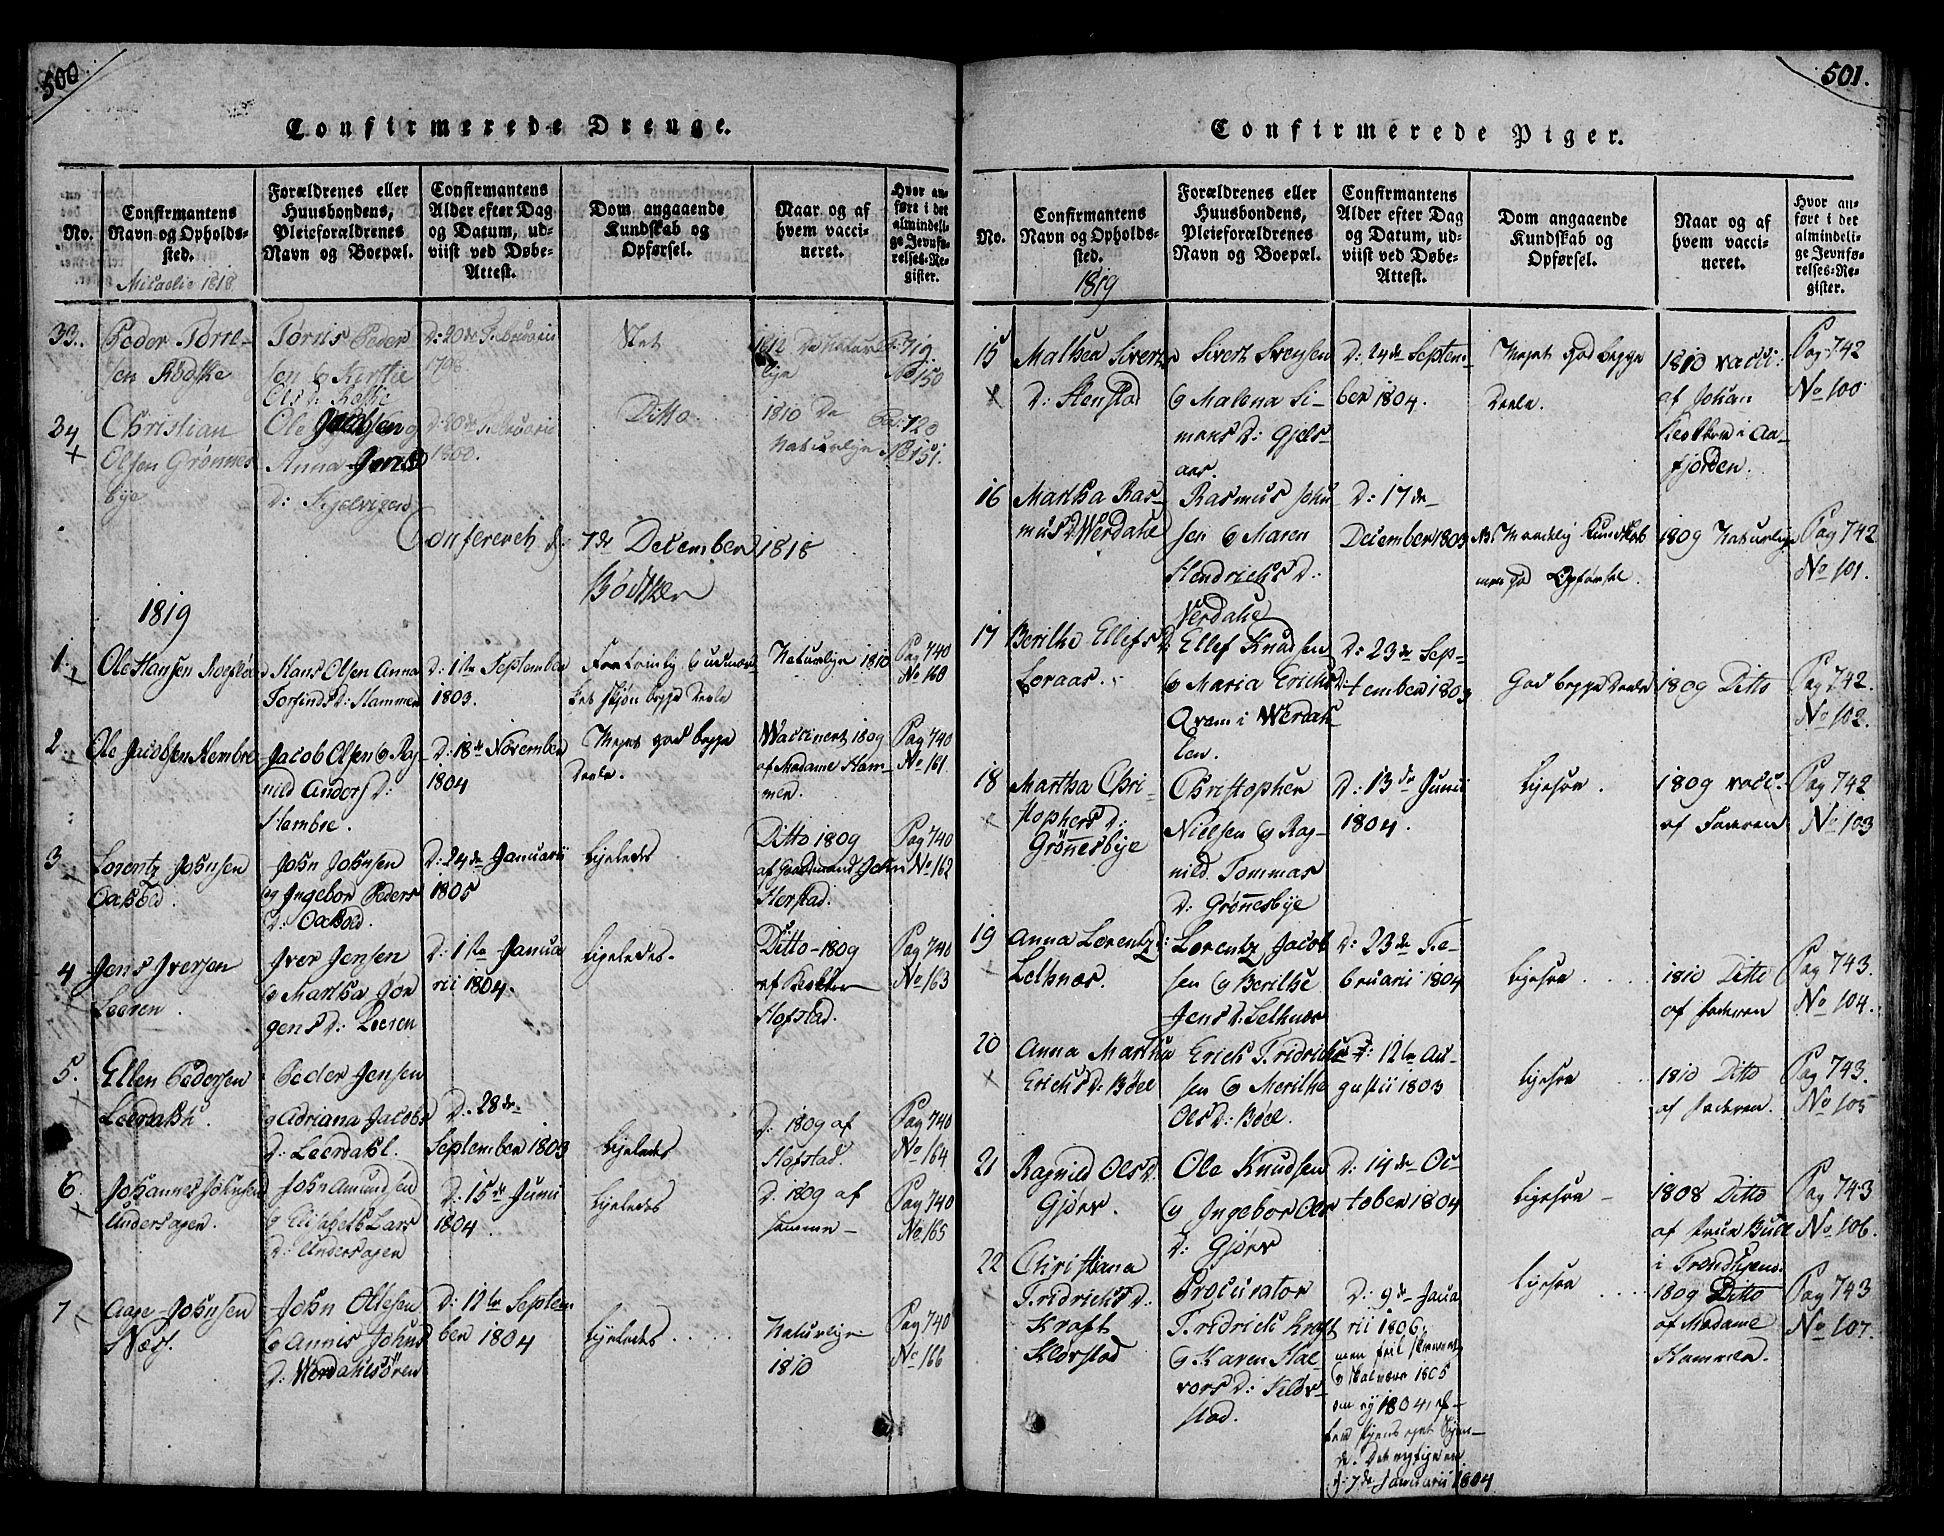 SAT, Ministerialprotokoller, klokkerbøker og fødselsregistre - Nord-Trøndelag, 730/L0275: Ministerialbok nr. 730A04, 1816-1822, s. 500-501